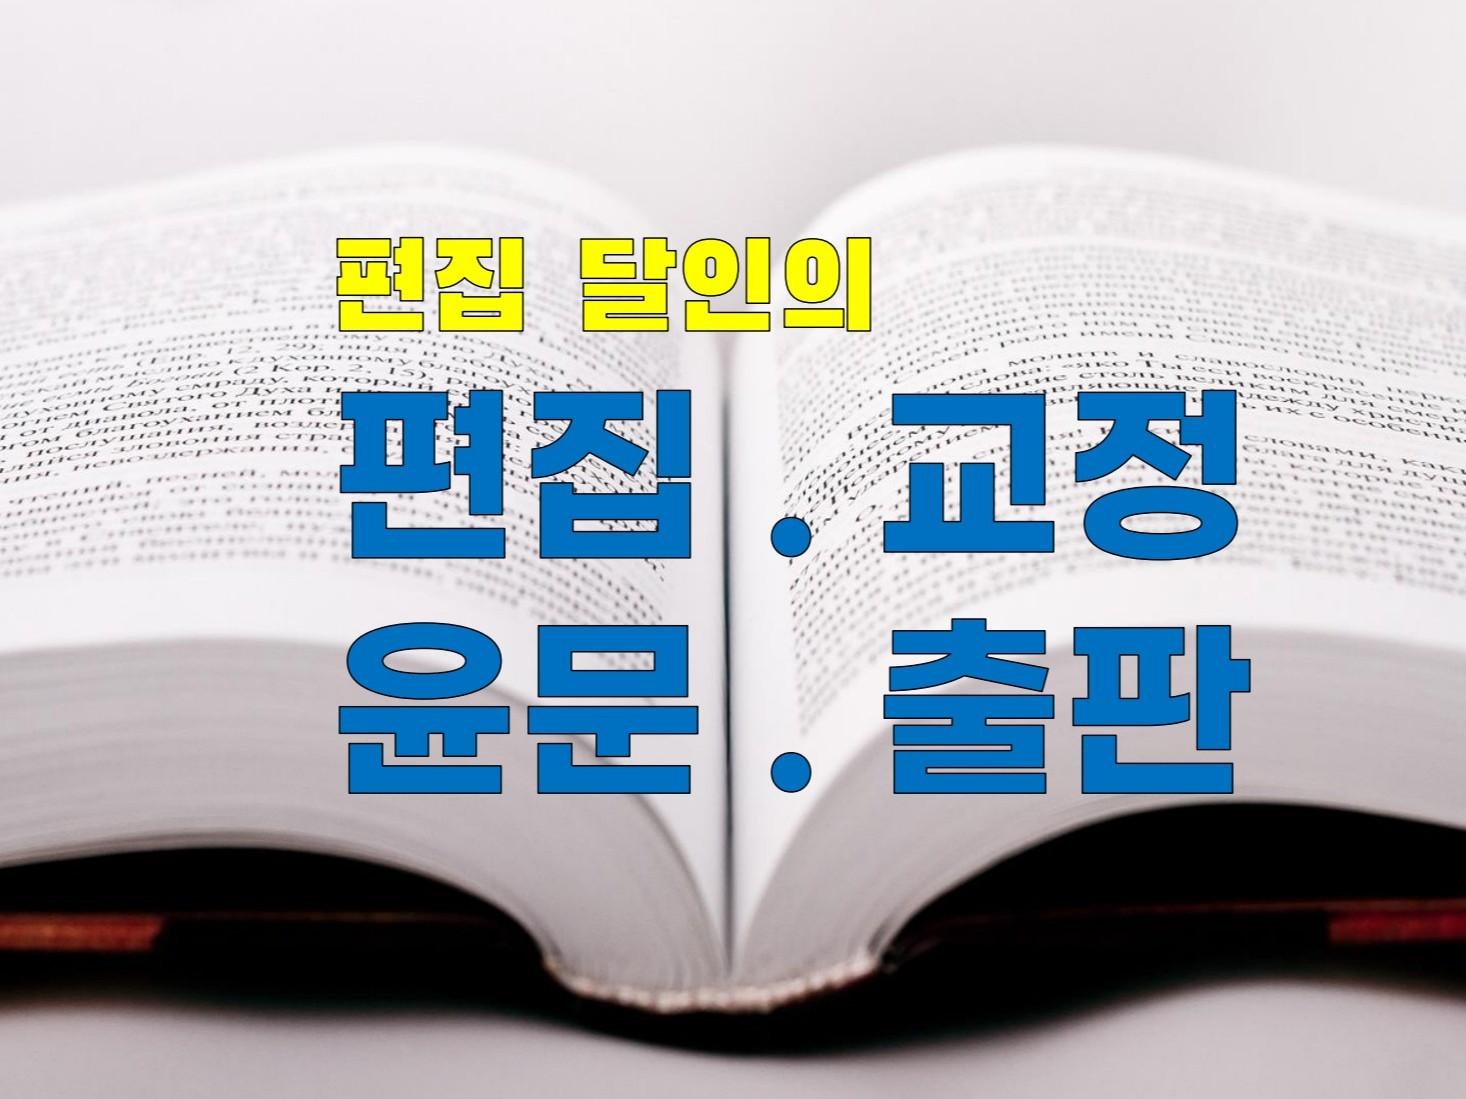 편집, 교정, 윤문, 출판해 드립니다.